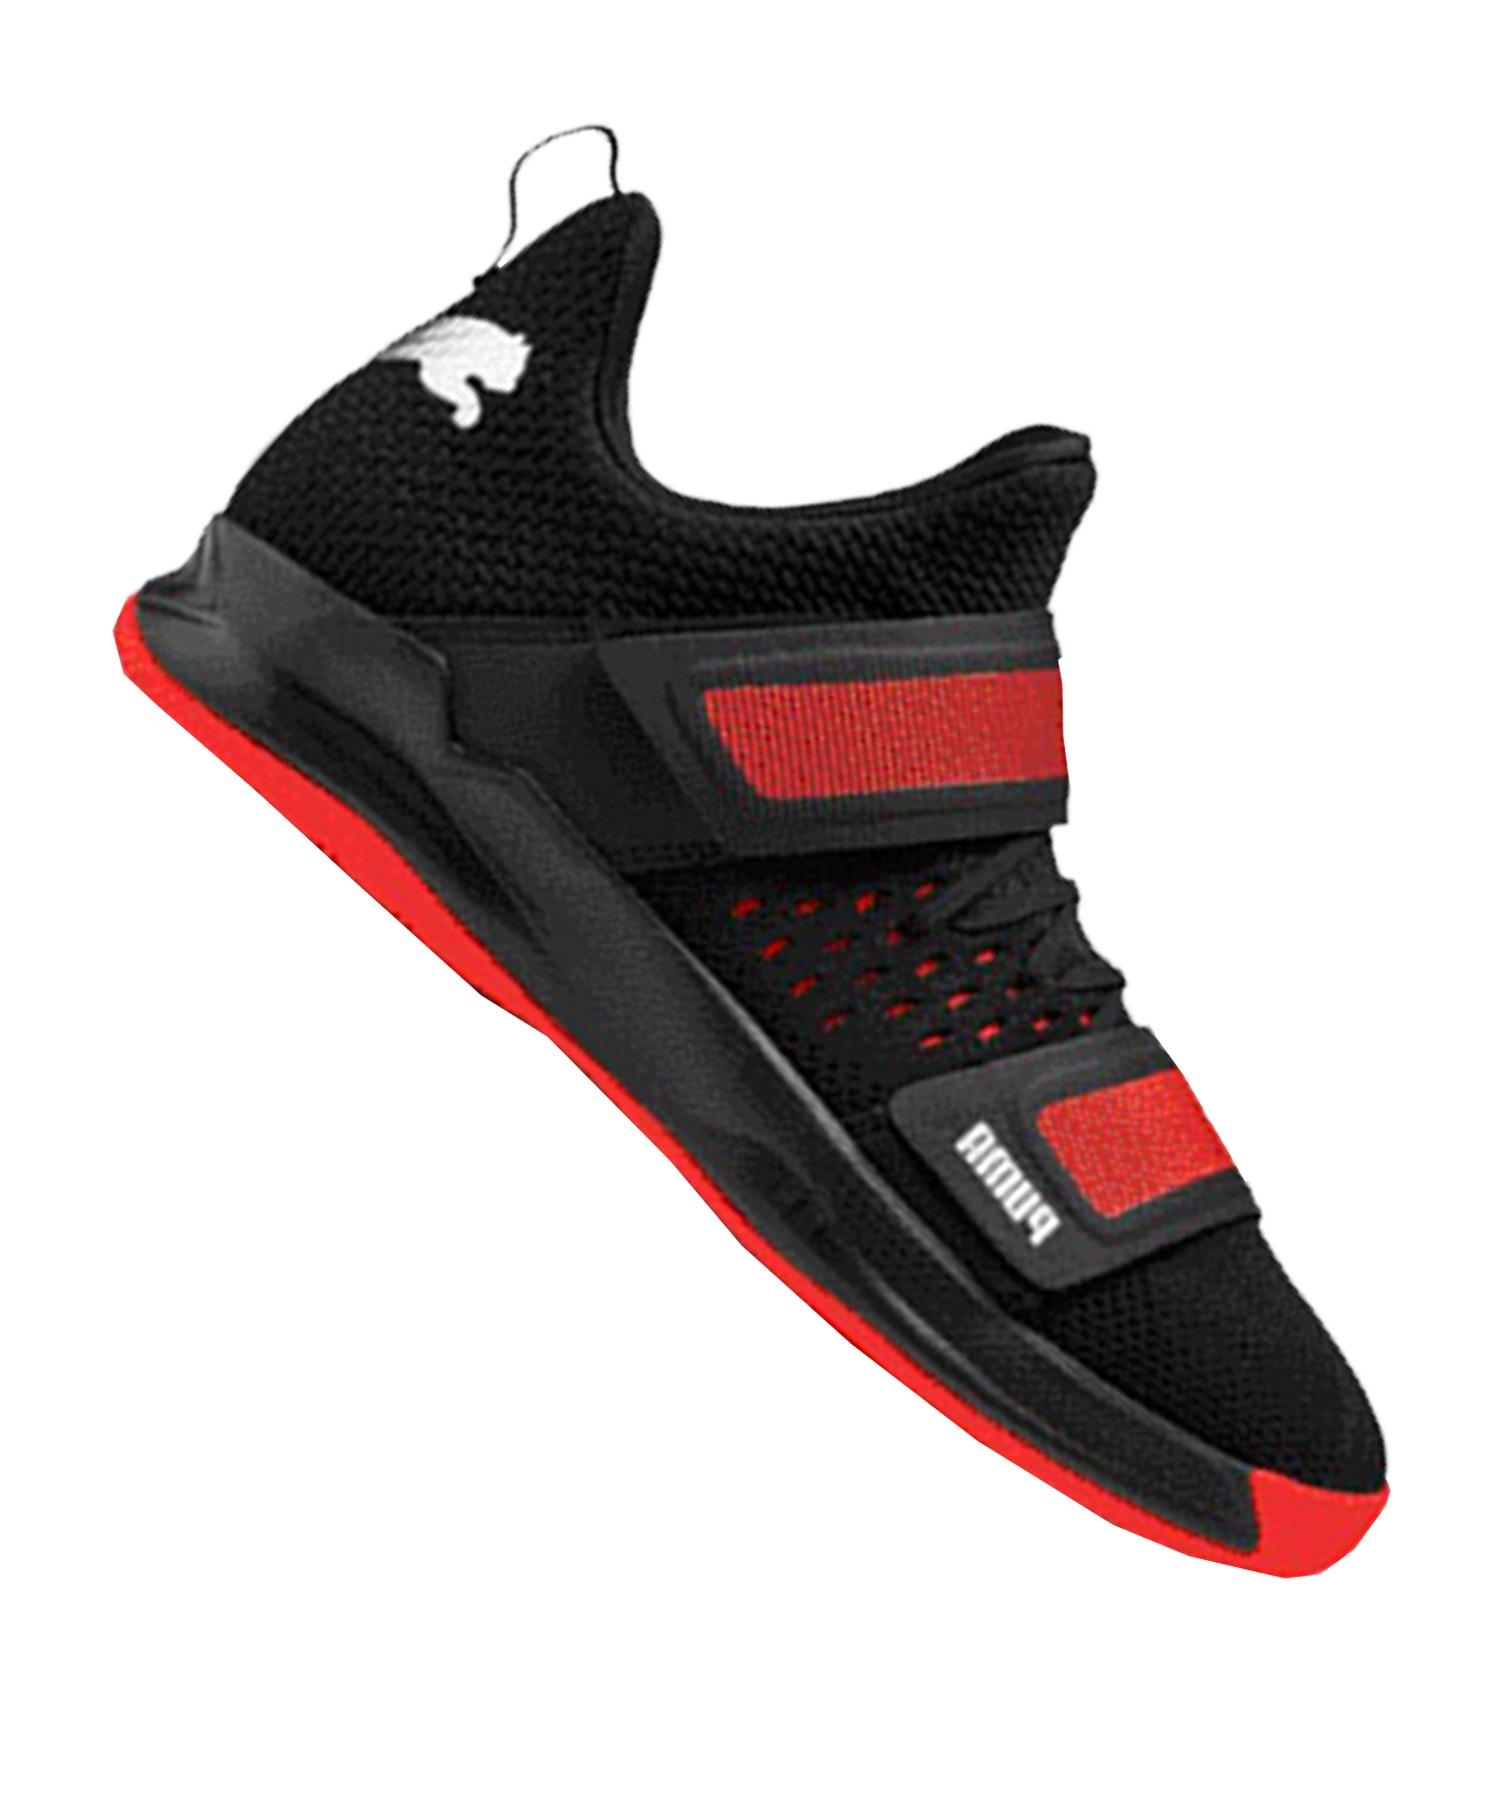 PUMA Ride XT NETFIT 1 Sneaker Schwarz Rot F01 - schwarz